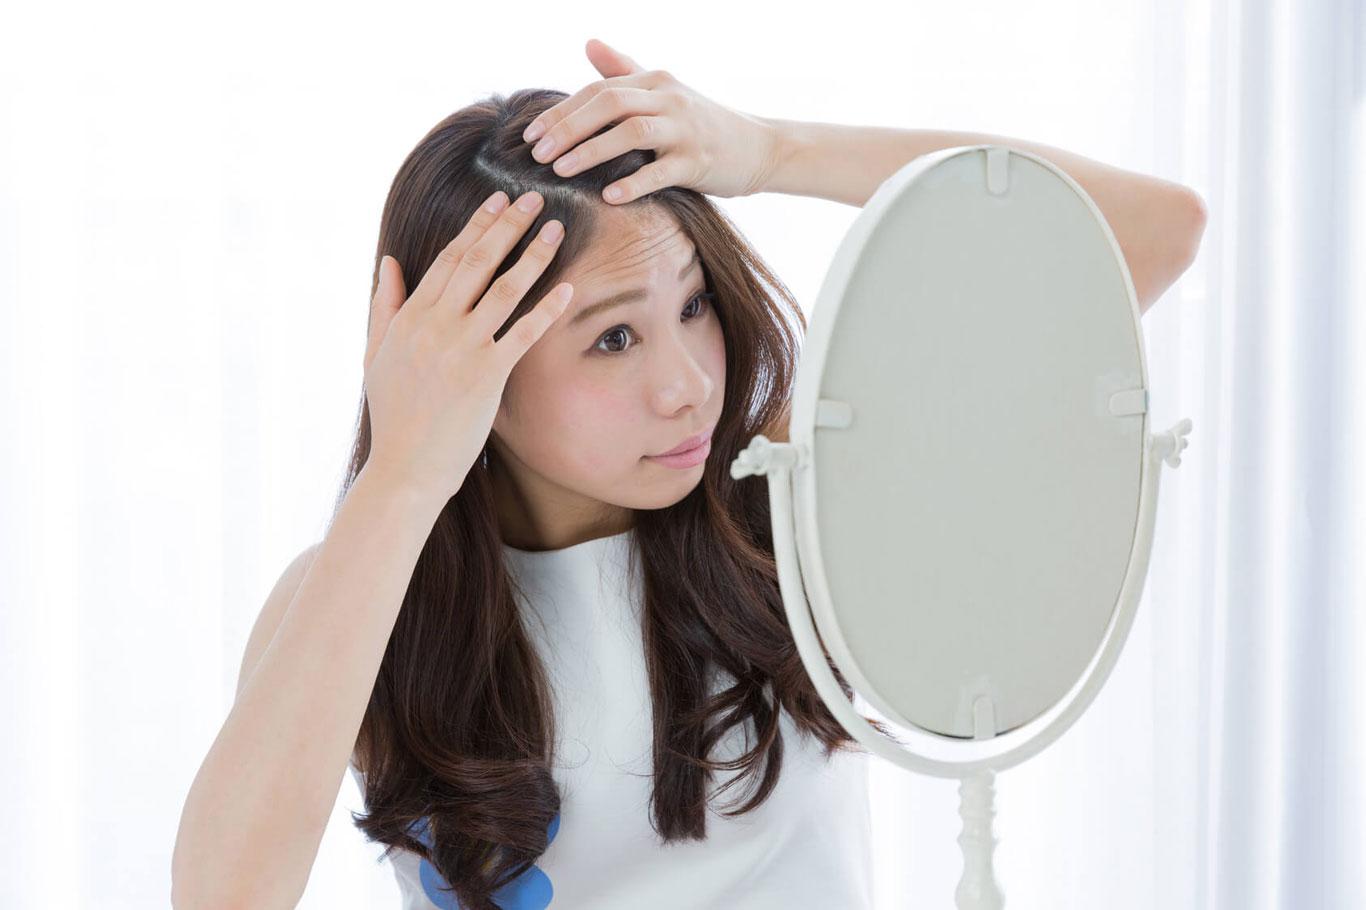 髪はメイクよりも「若さ」を左右する? 女性の抜け毛にはサプリメントも。